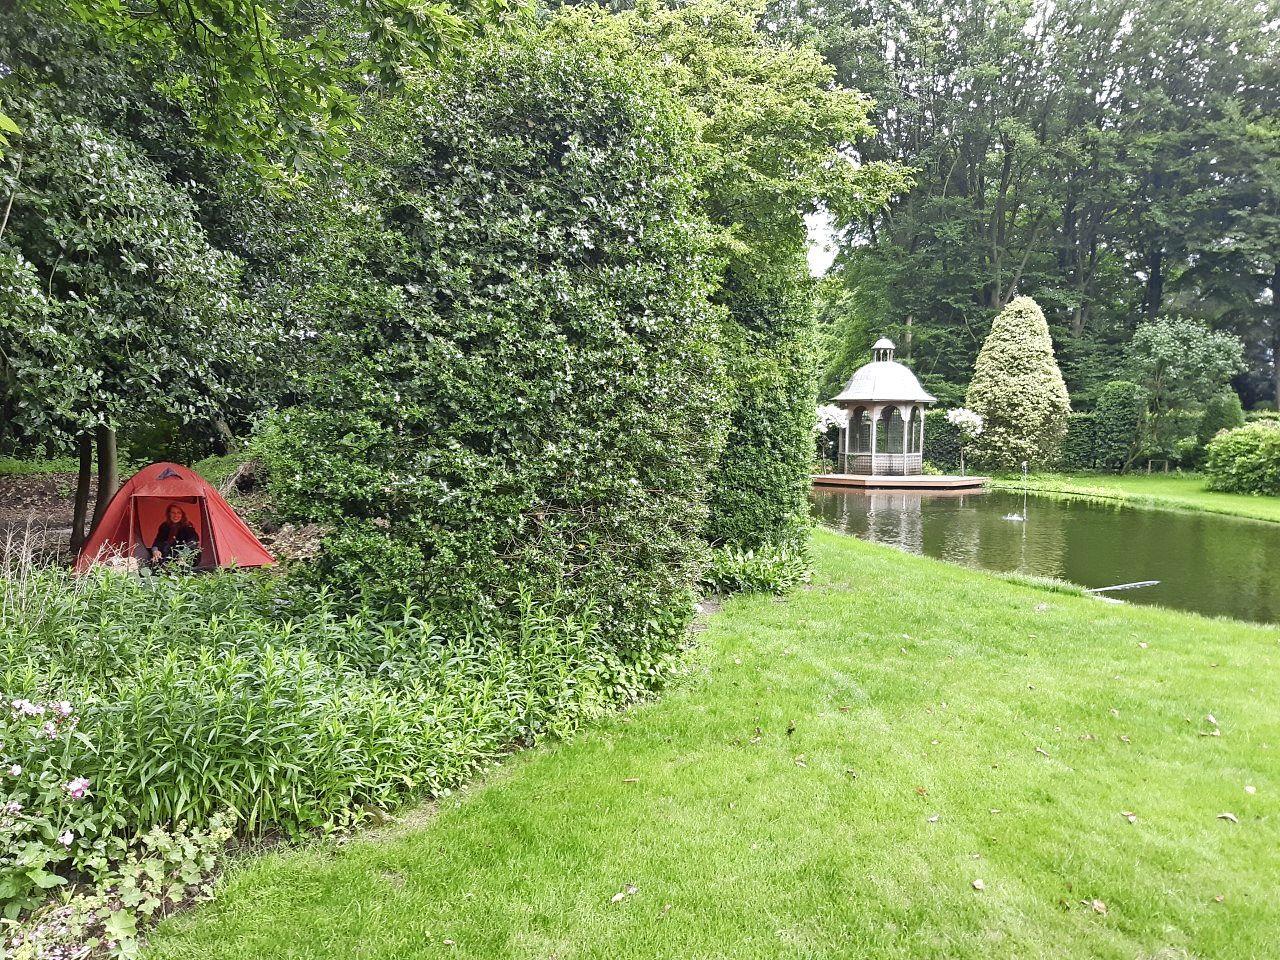 Slapen in de achtertuin van een Larense villa; 'De heer Wttewaall schoot hier vroeger met een jachtweer op zijn hanen. Er sneuvelde nog weleens een ruit'